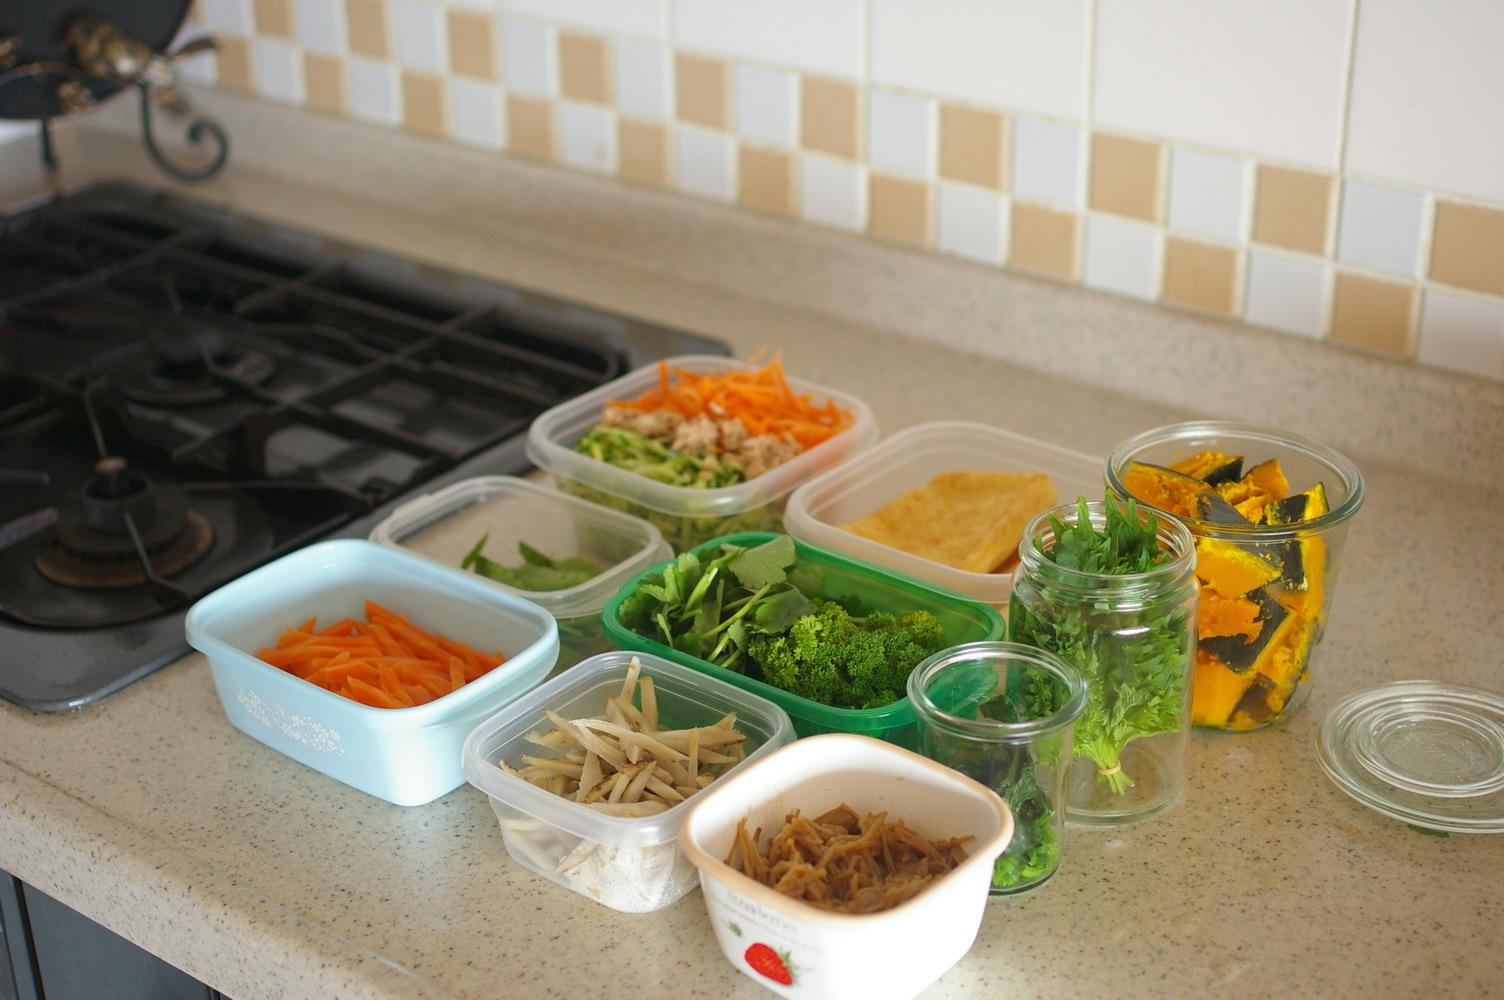 野菜を上手く使い切る為に_d0327373_15200724.jpg